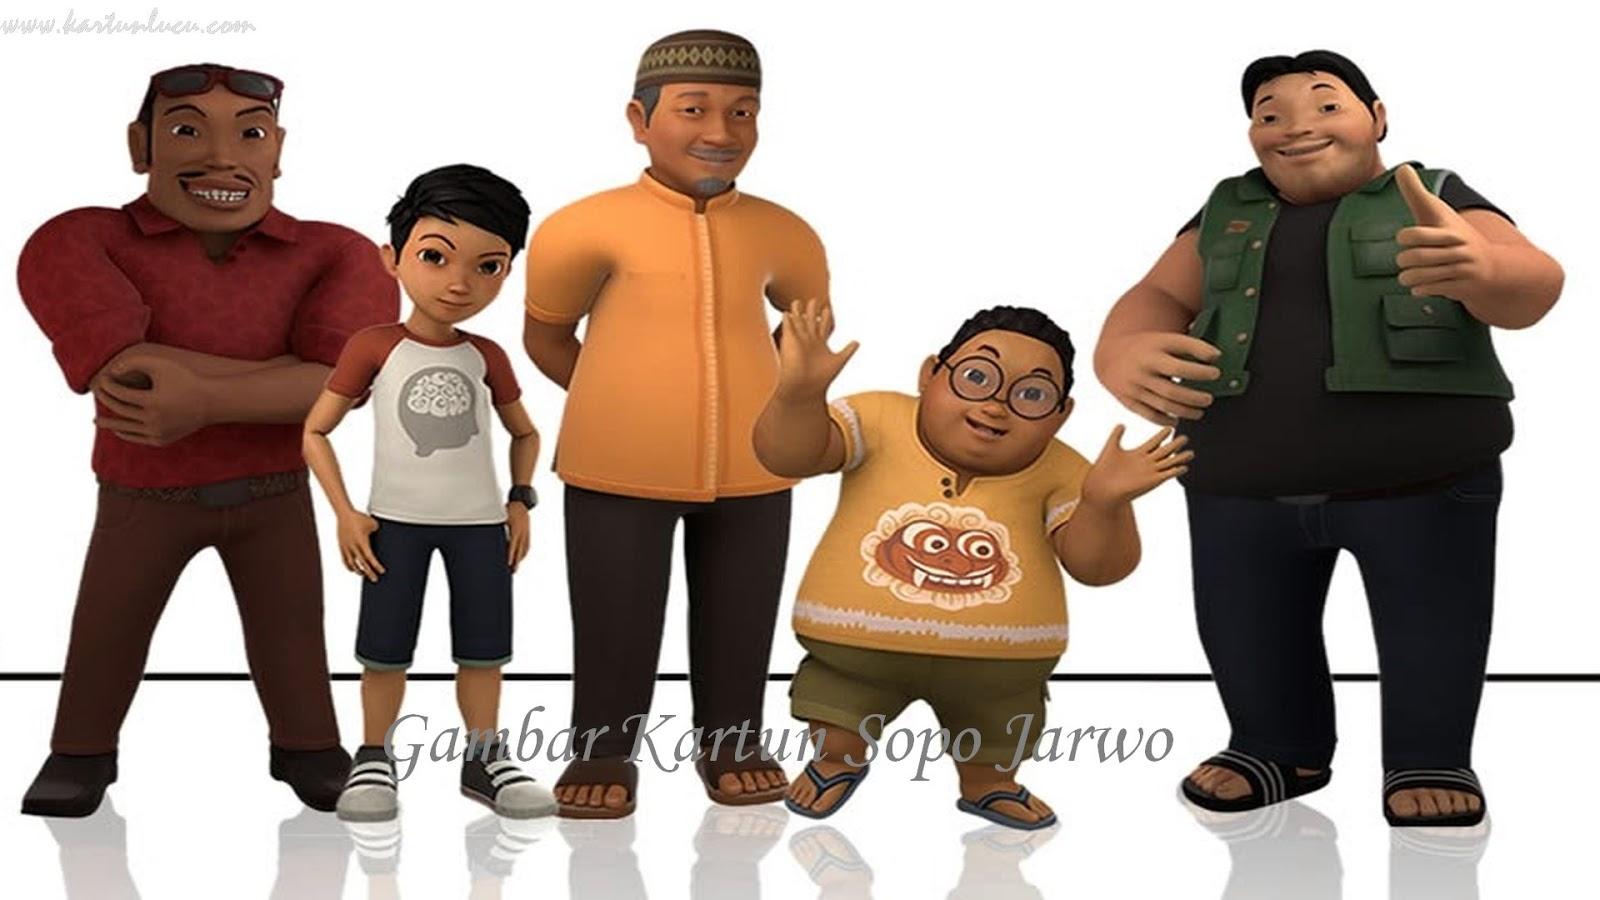 Download Lagu Ost Adit Sopo Jarwo Terbaru Laguviralid